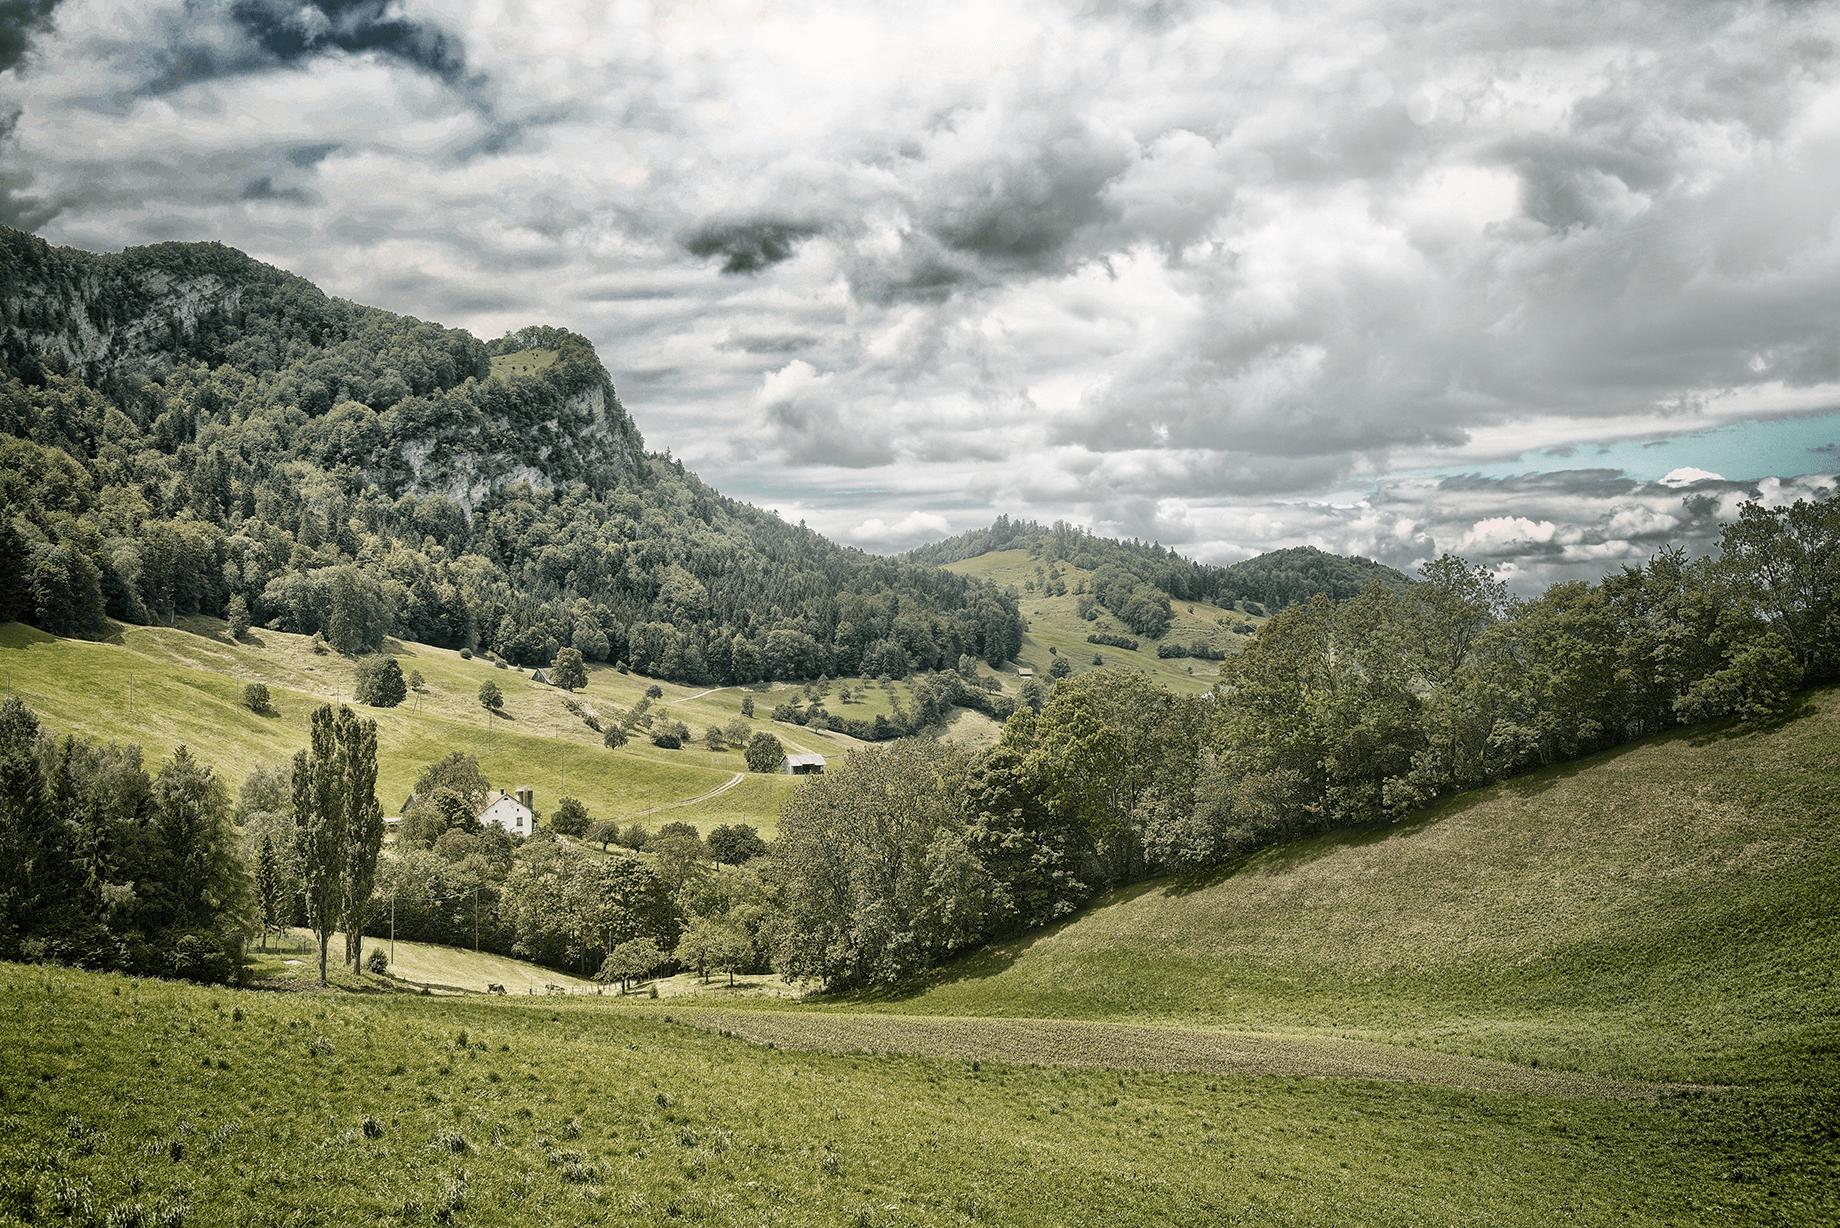 Schweizer Mineralwasser - Eptinger ist das Schweizer Mineralwasser mit den meisten Mineralien. Es hat dabei ein ausgewogenes Verhältnis aller Bestandteile und es wird kein Nitrat oder Uran nachgewiesen. Dies unterstreicht die hohe Qualität und die absolute Reinheit.